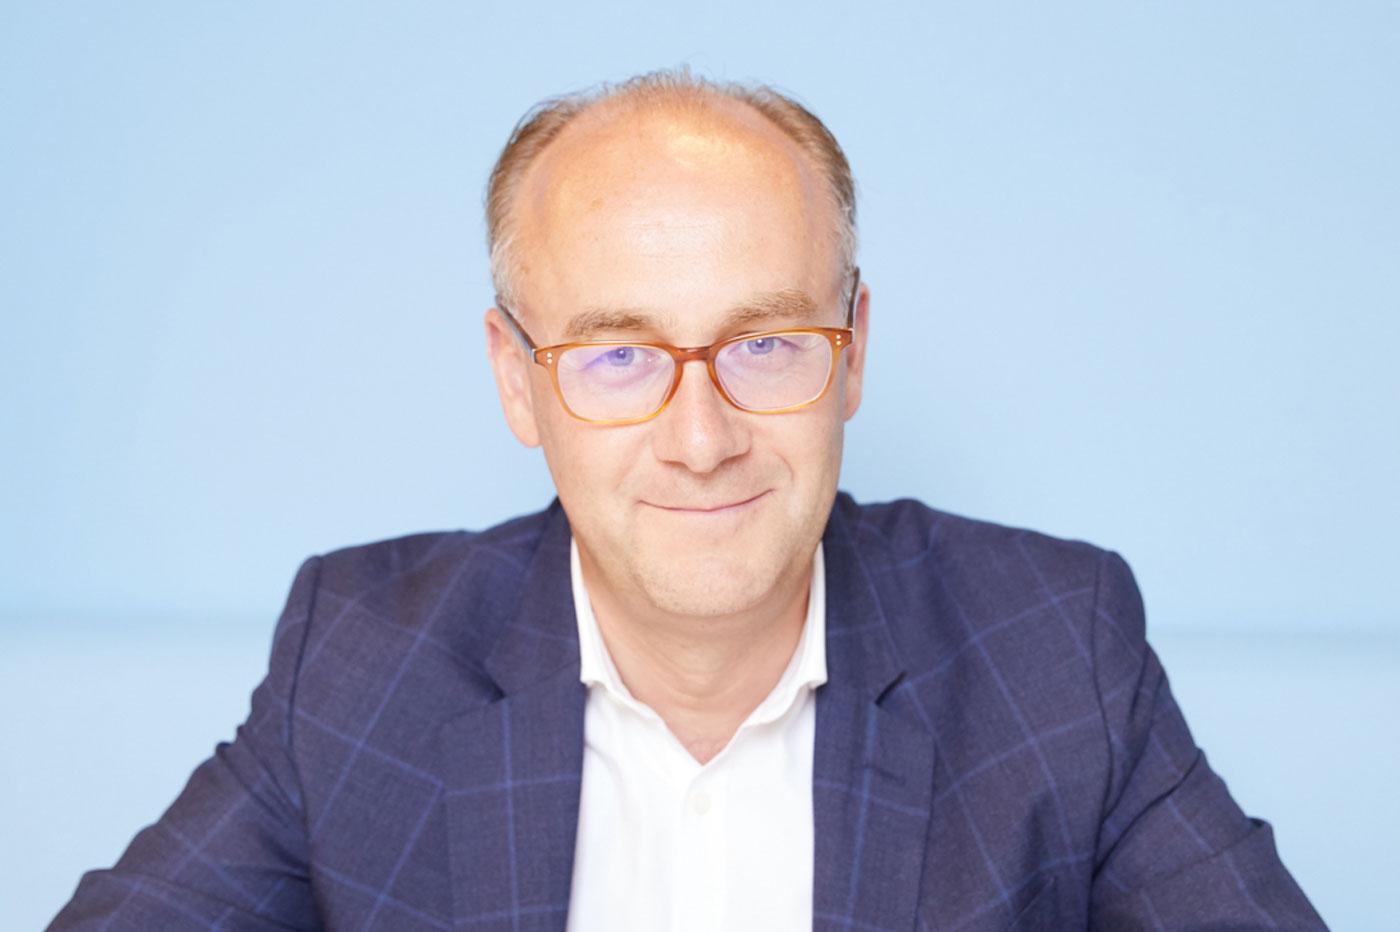 Paul de Leusse